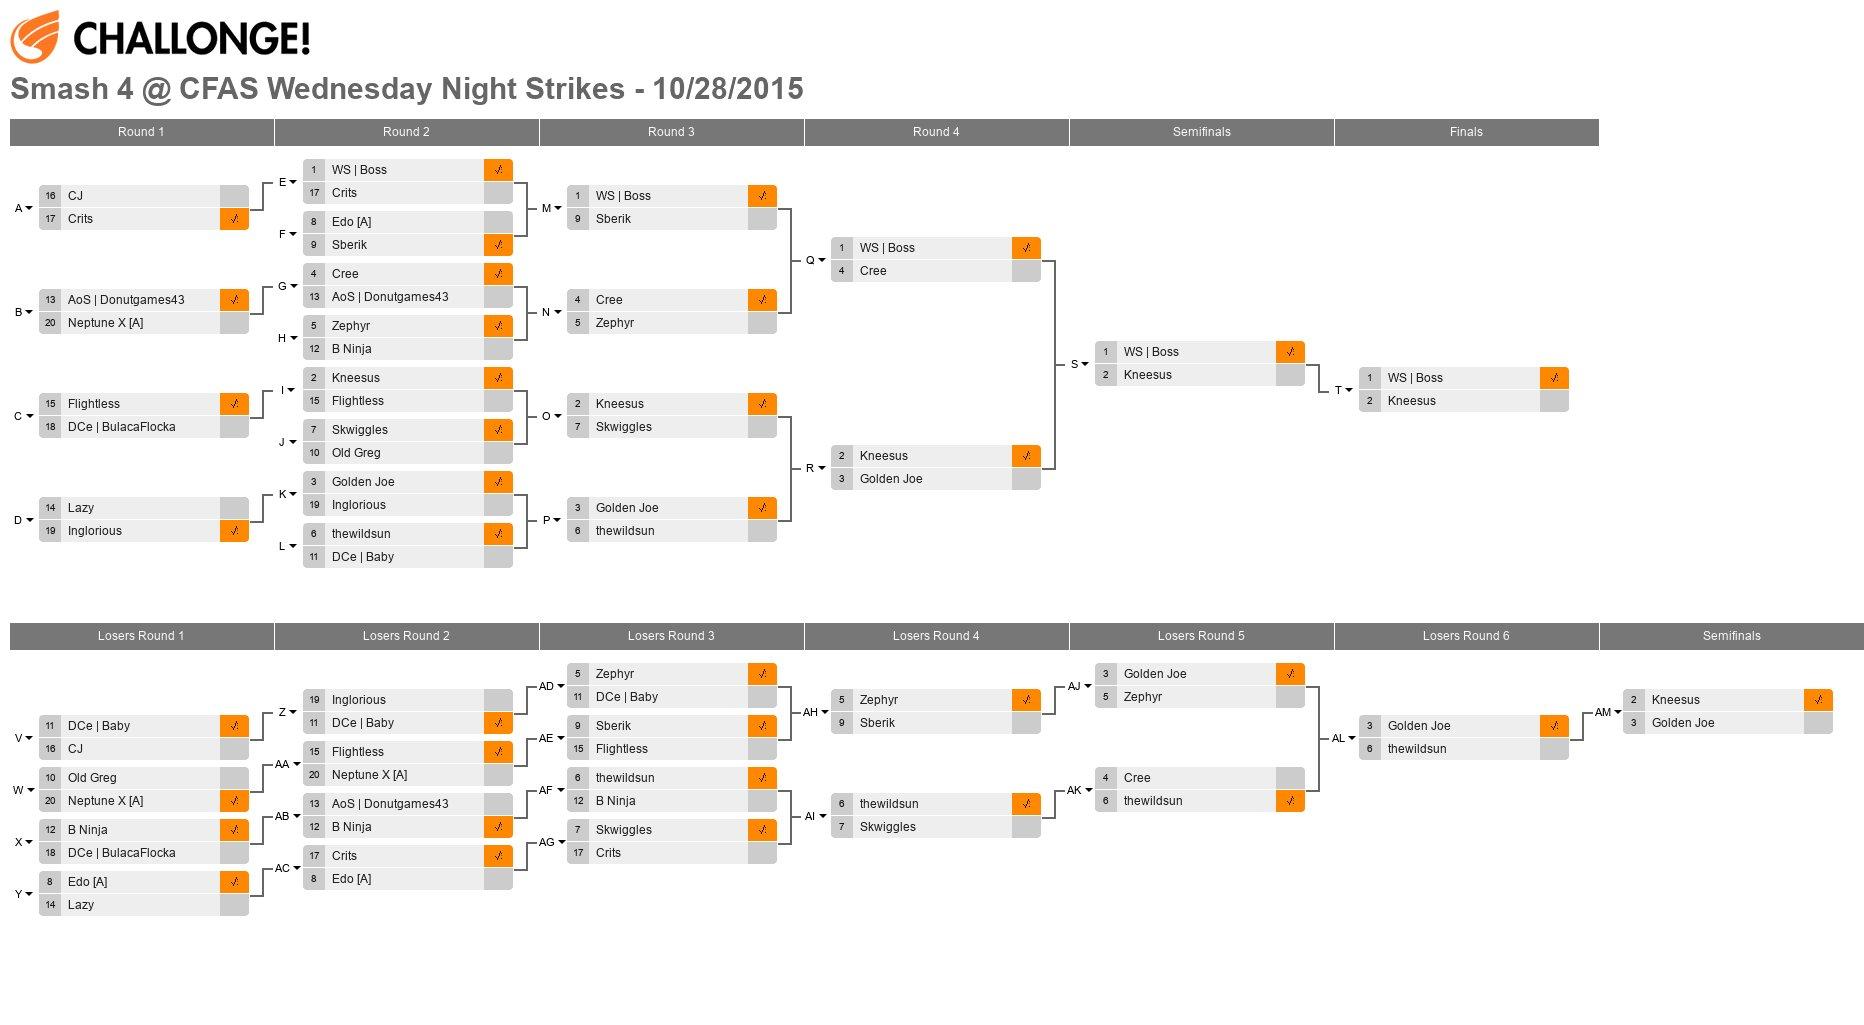 Smash 4 @ CFAS Wednesday Night Strikes - 10/28/2015